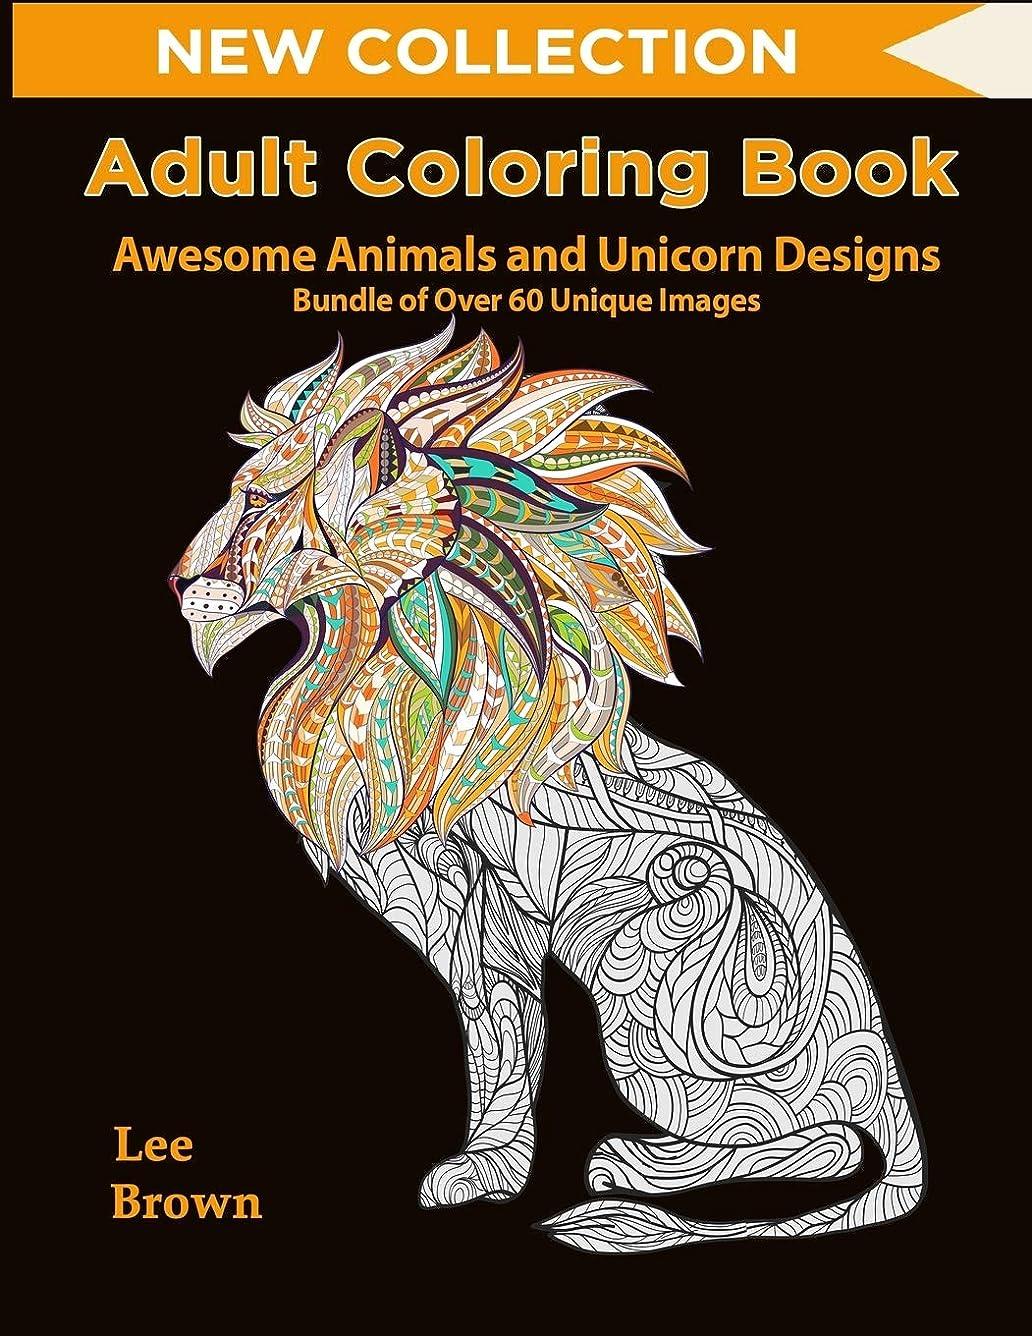 不合格化粧プロペラAdult Coloring Book: Awesome Animals and Unicorn Designs | Bundle of Over 60 Unique Image (NEW COLLECTION): adult coloring animals, Get you adult coloring pencils ready